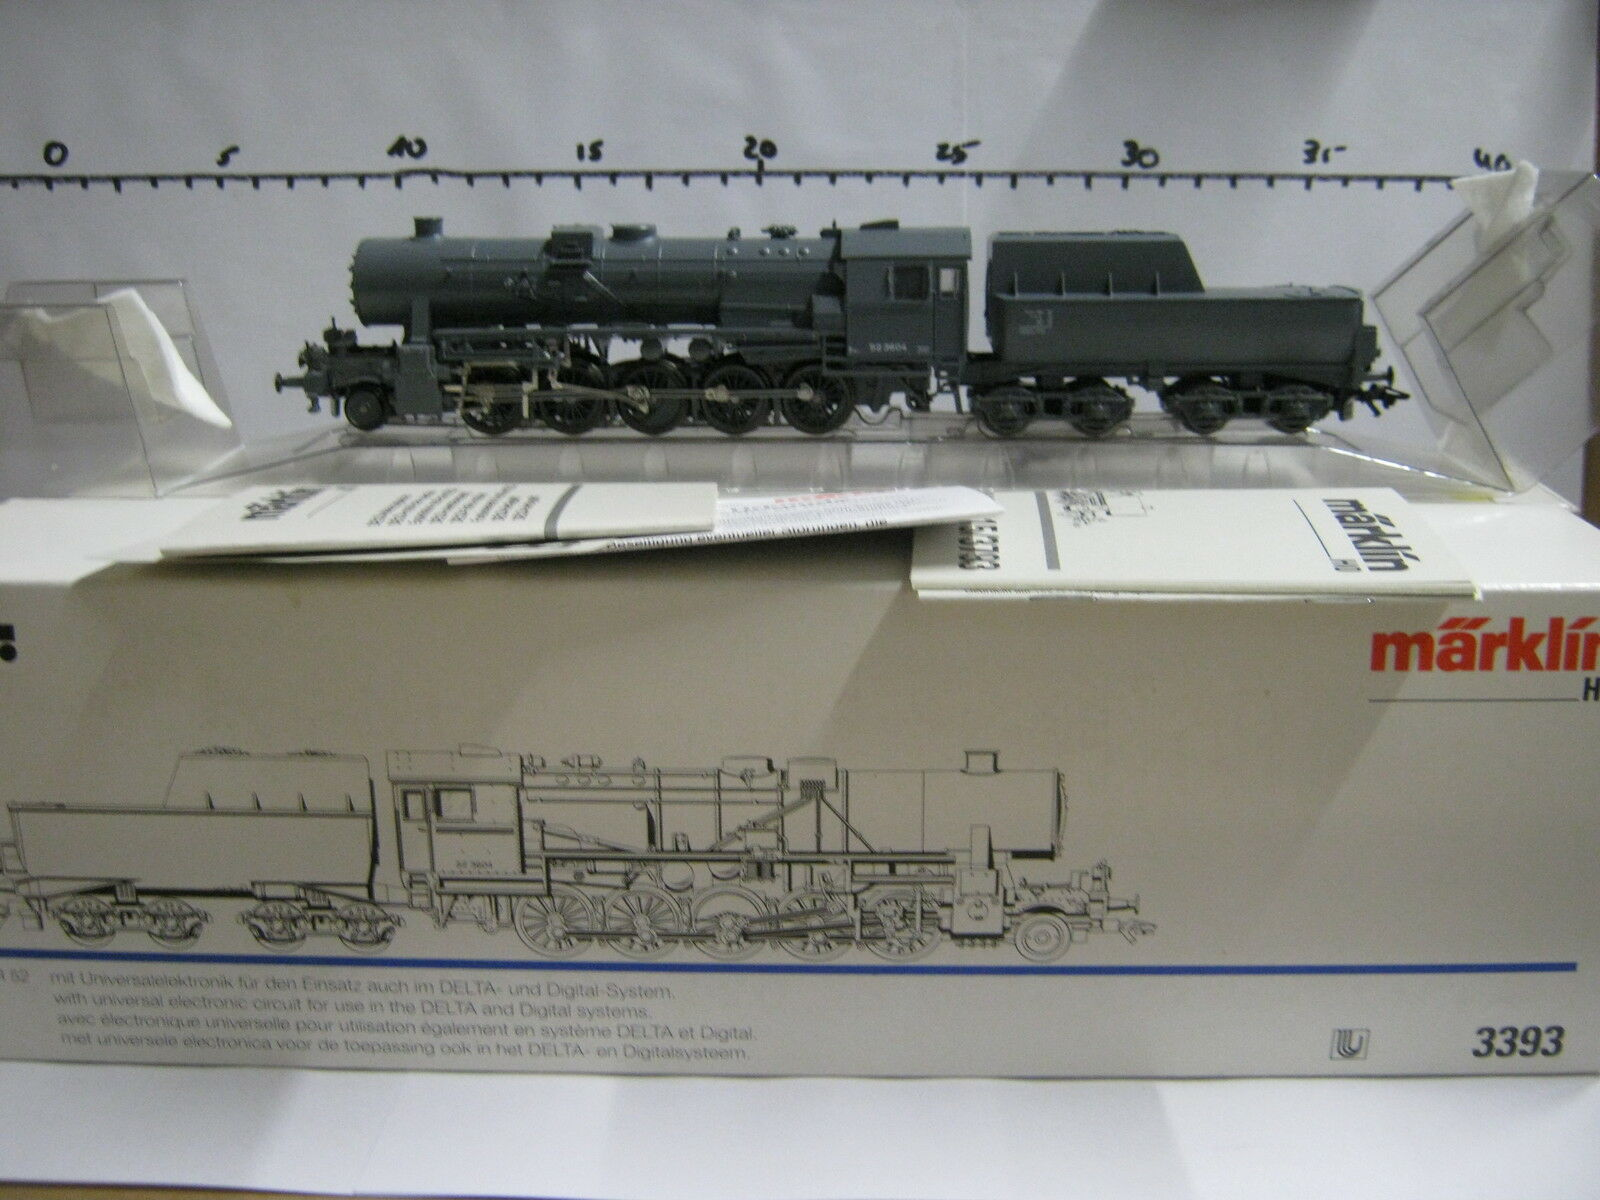 Digital   HO 3393 locomotiva a vapore BR 52 3604 DB GRIGIO  rg/re/009-109s7/2